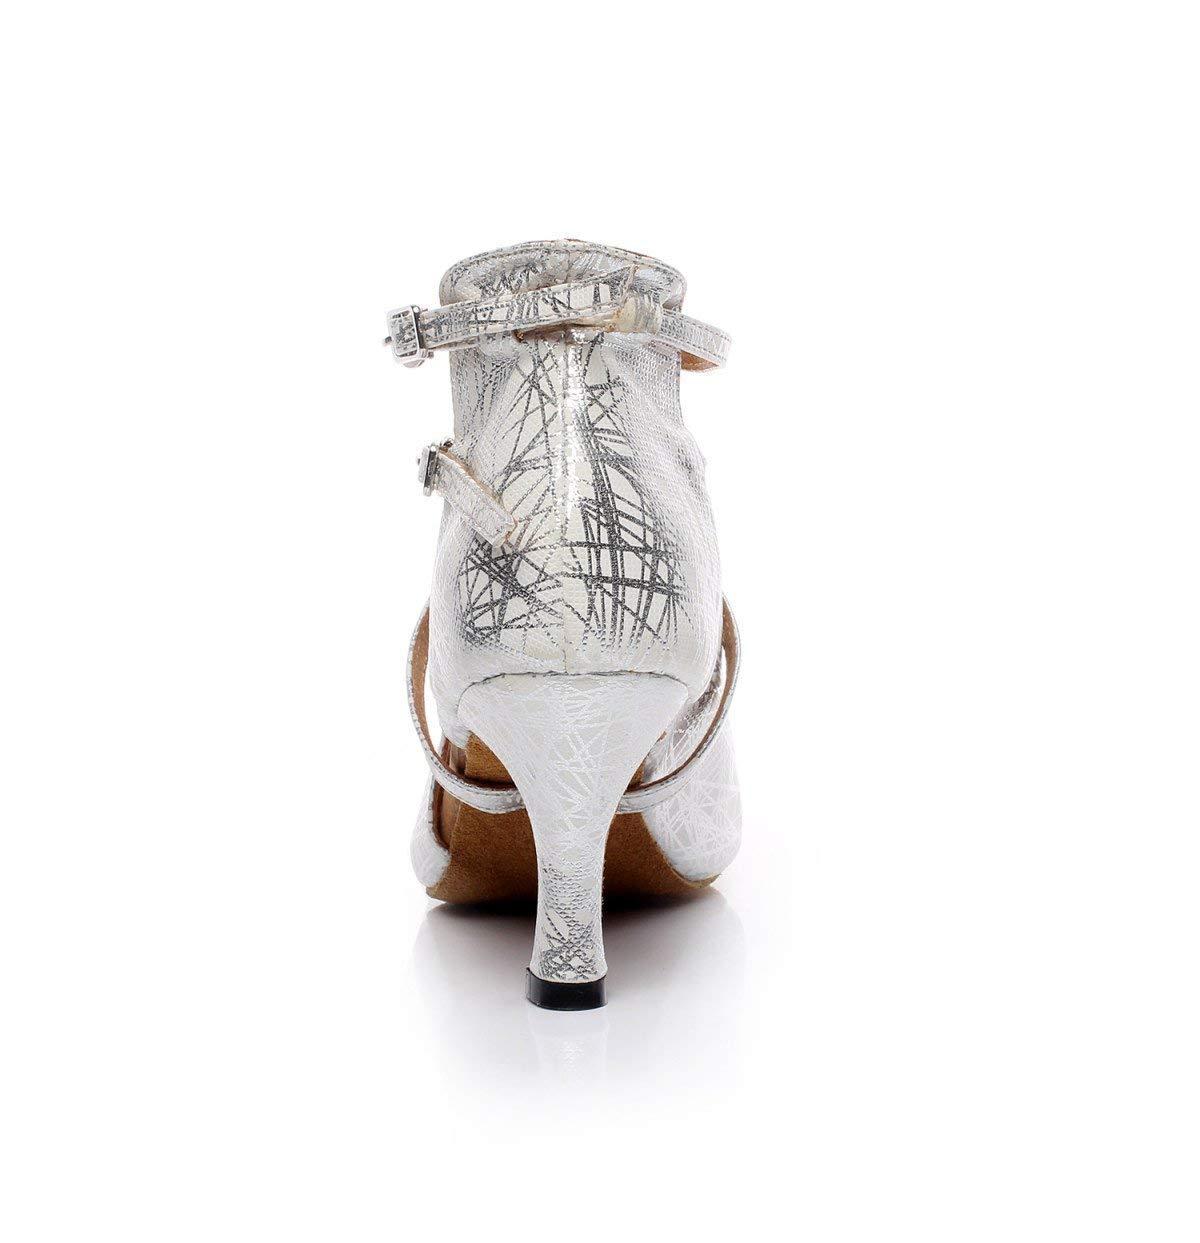 HhGold Damen Tanzschuhe Leder Leder Leder Latin Chacha Samba Modern Jazz Tanzschuhe Silber-Absatz5.5cm-UK3.5   EU34   Our35 f0e1c4